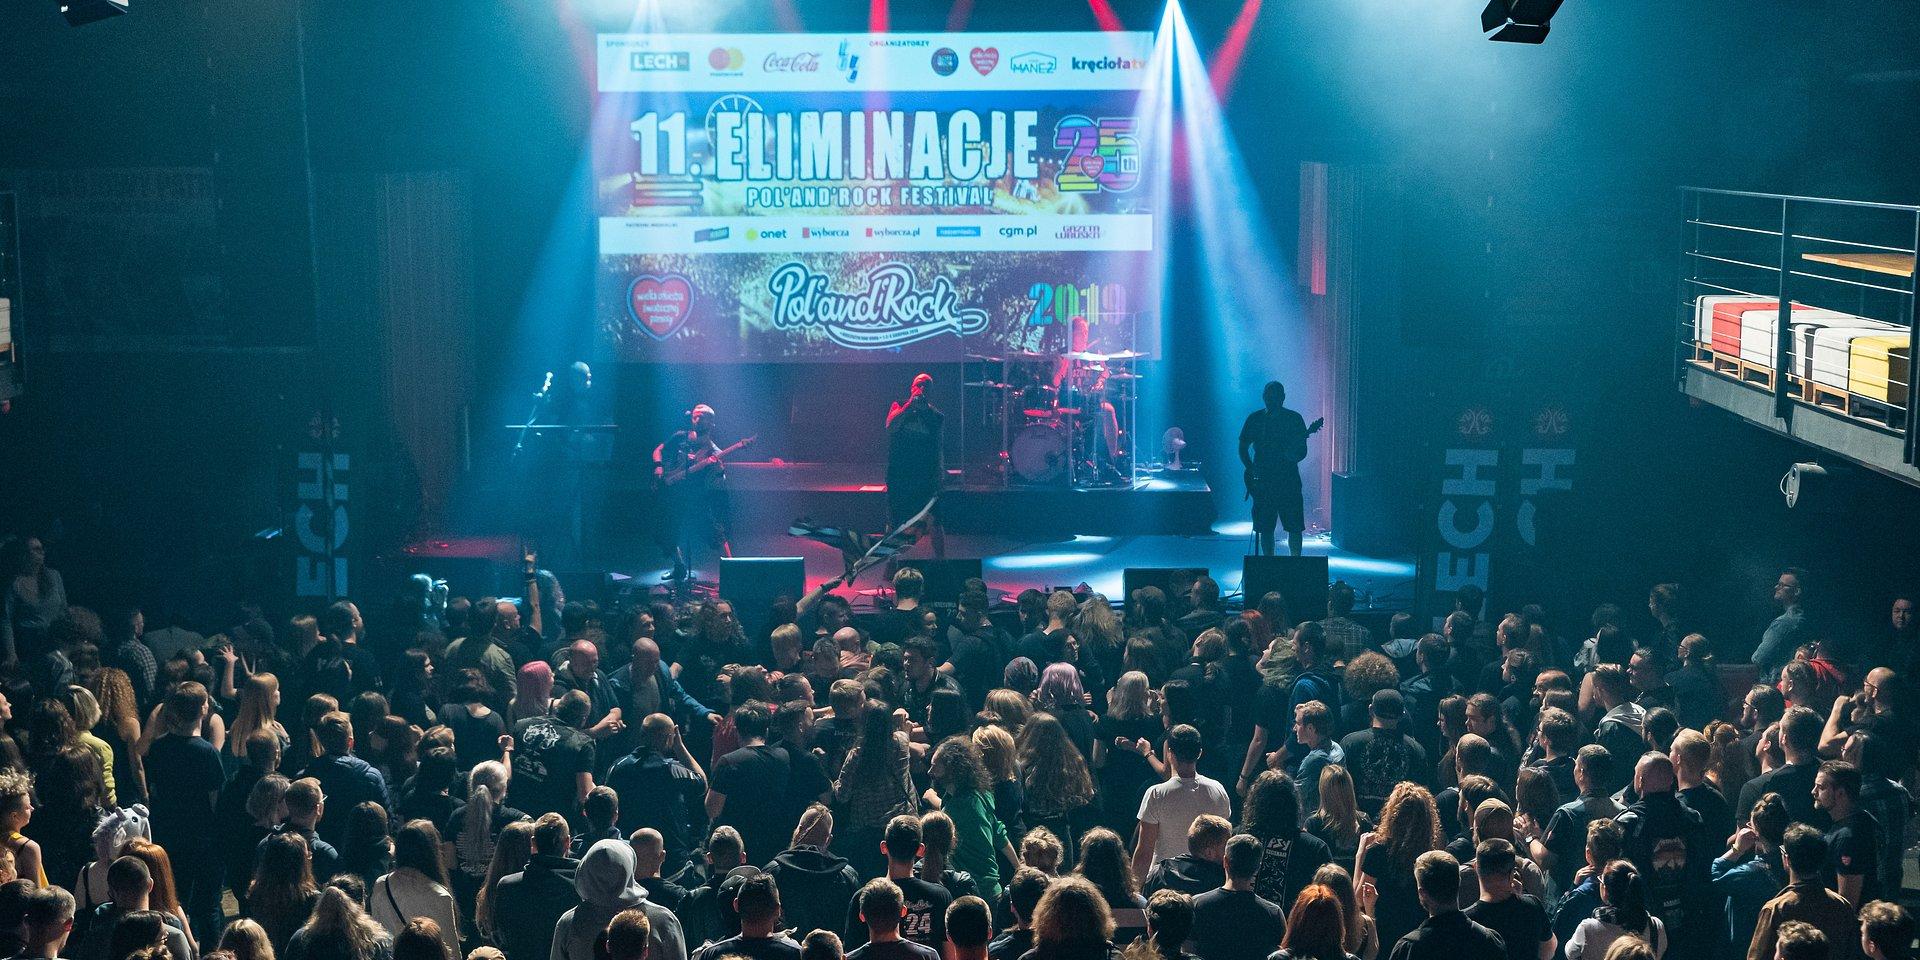 Znamy finalistów Eliminacji do Pol'and'Rock Festival!